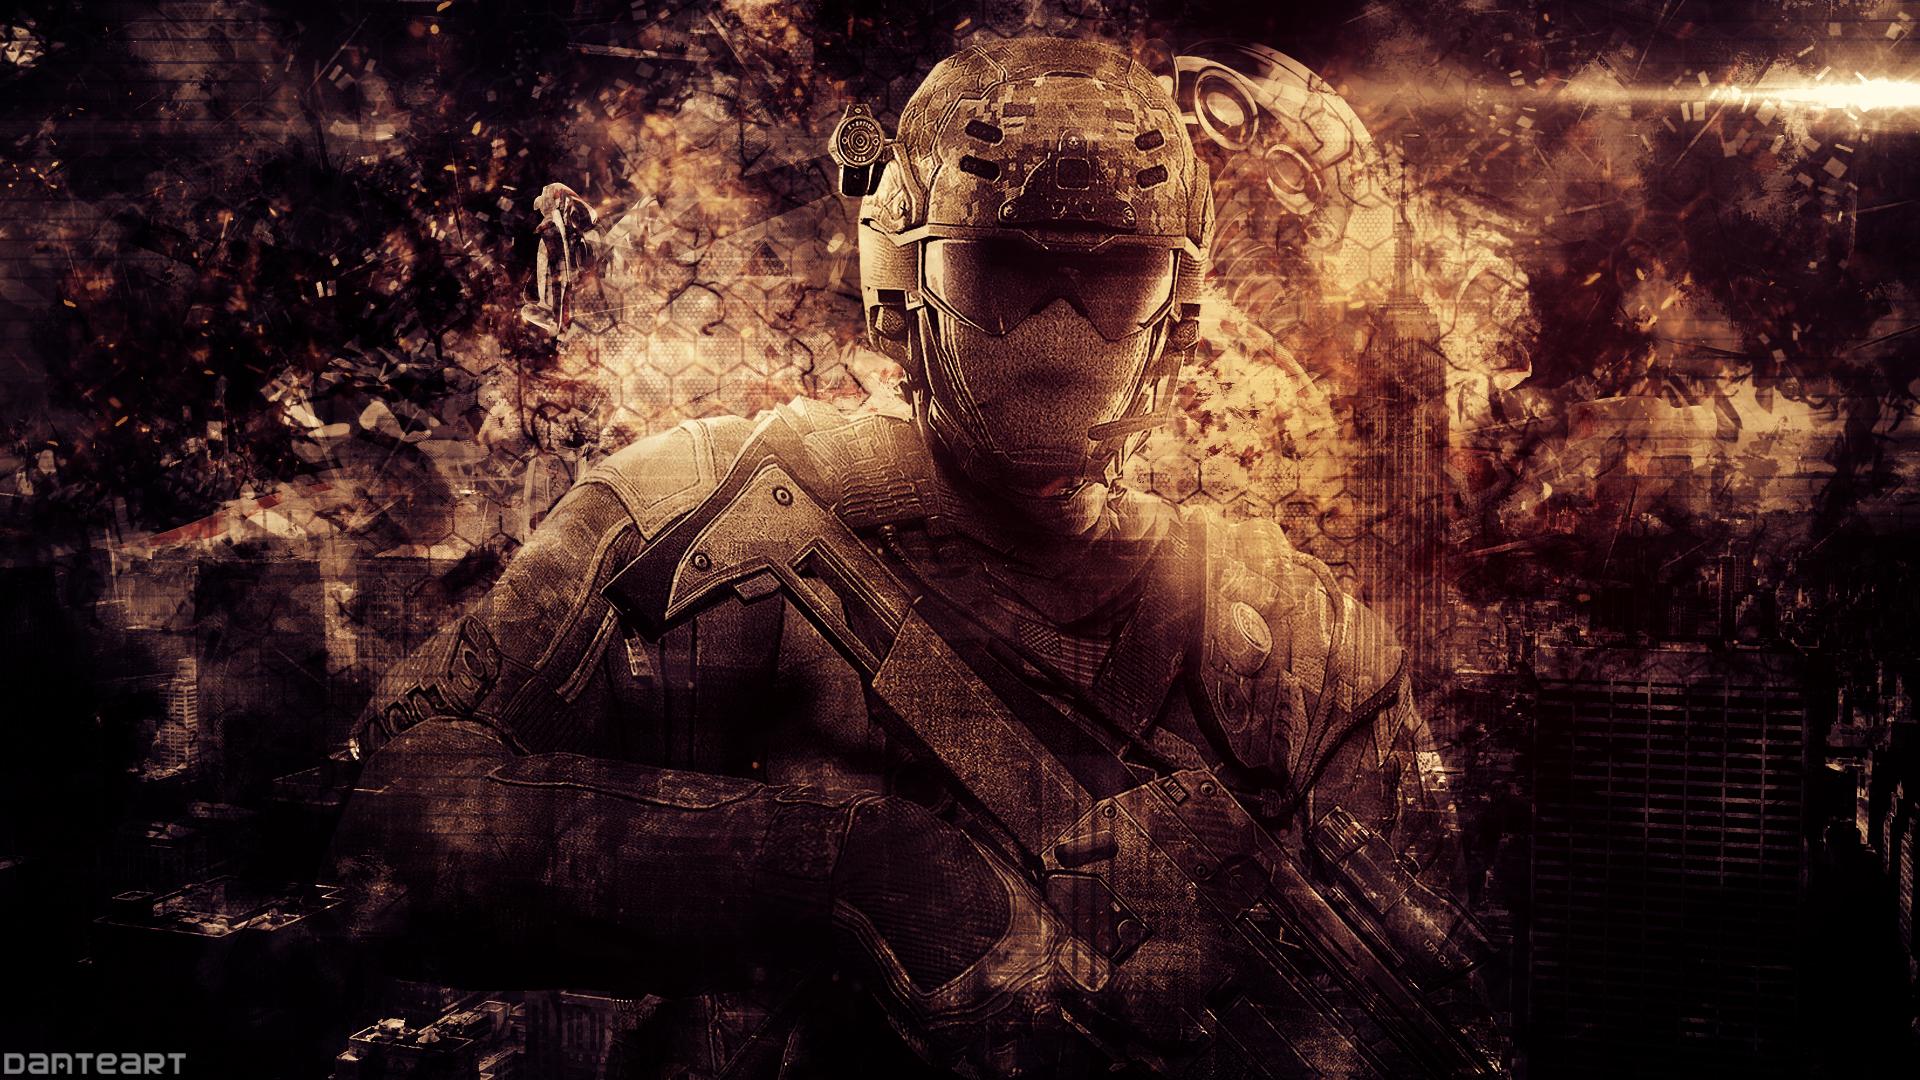 Cod Black Ops 2 Wallpaper By Danteartwallpapers On Deviantart